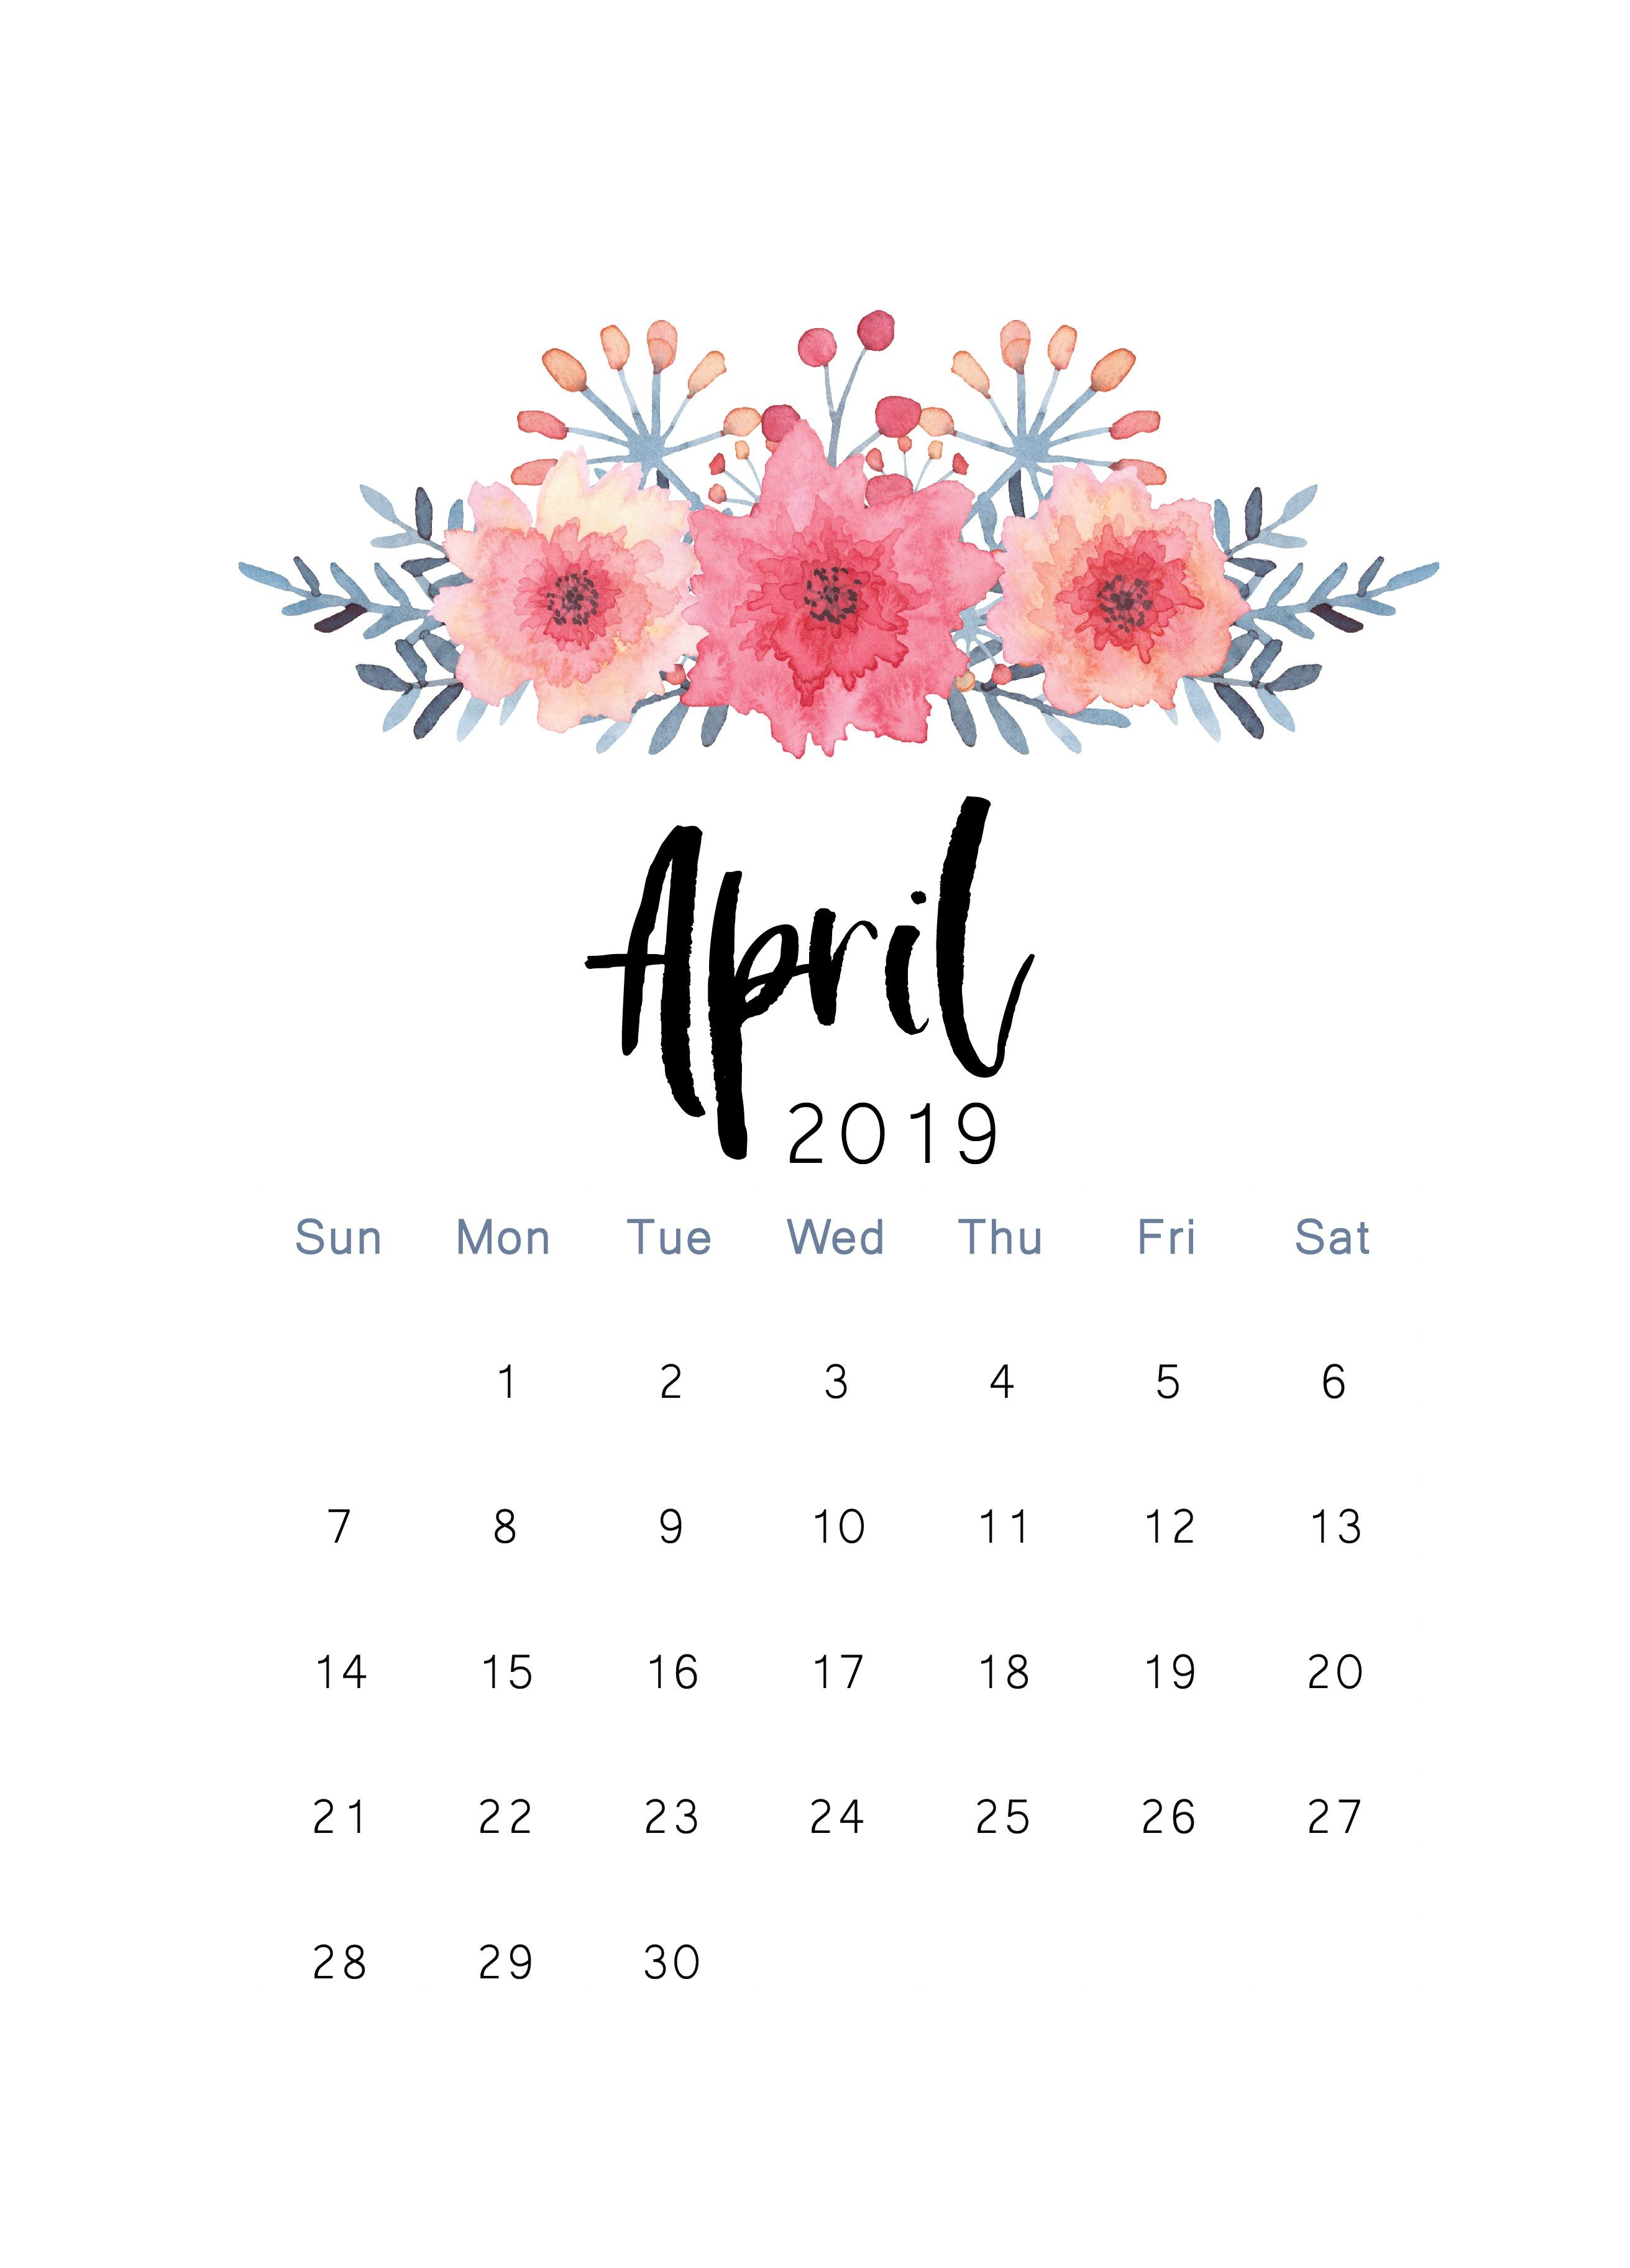 54 April 2020 Calendar Wallpapers On Wallpapersafari